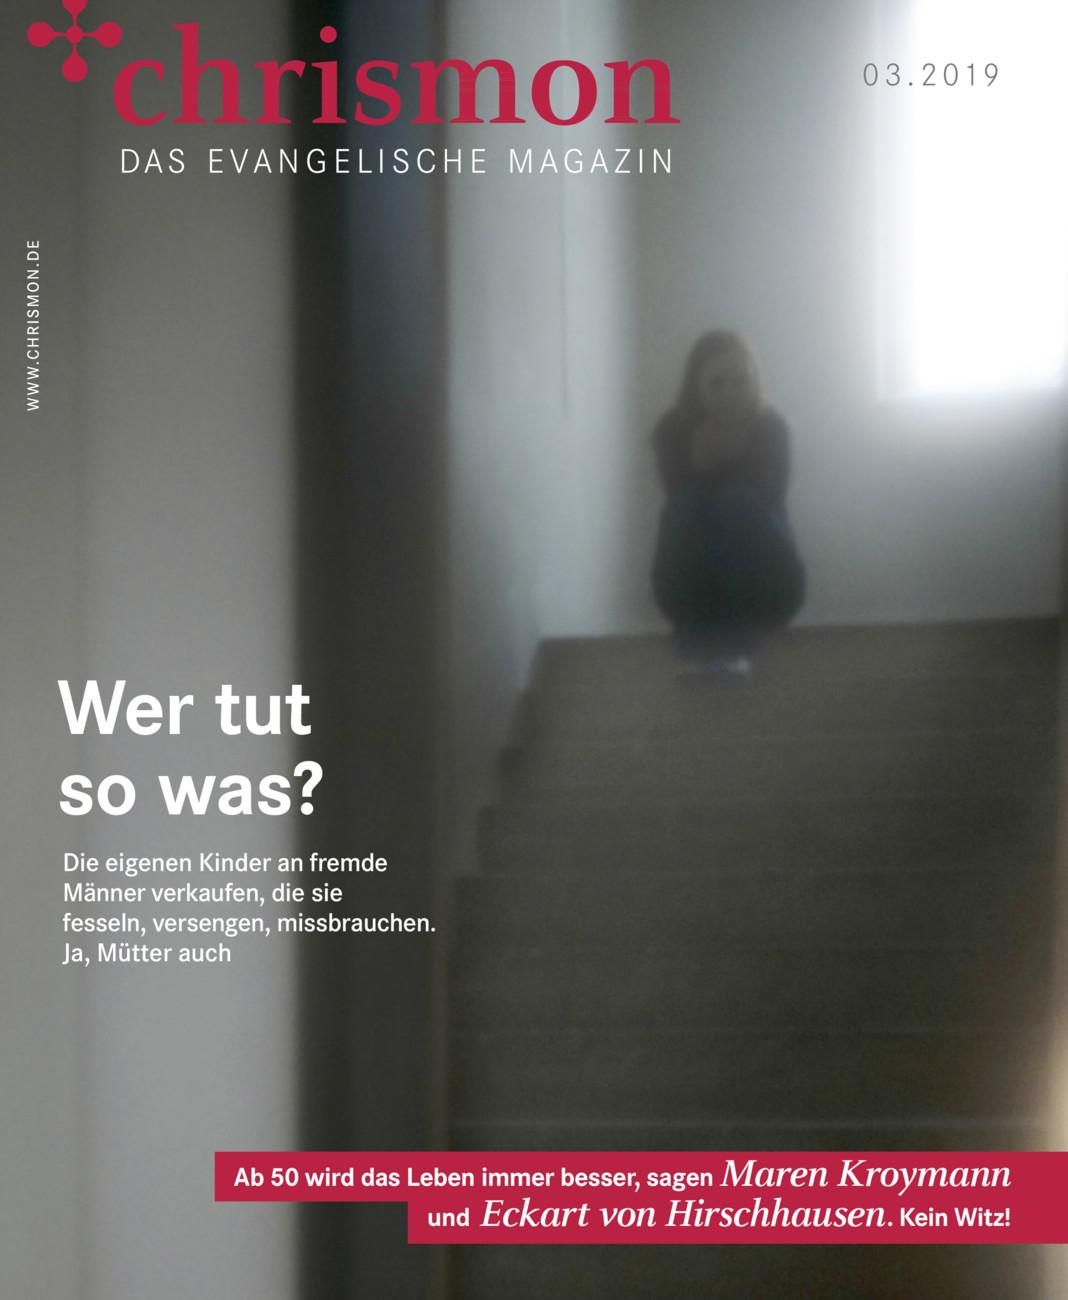 chrismon 03/2019 - Das evangelische Magazin vom Mittwoch, 20.03.2019